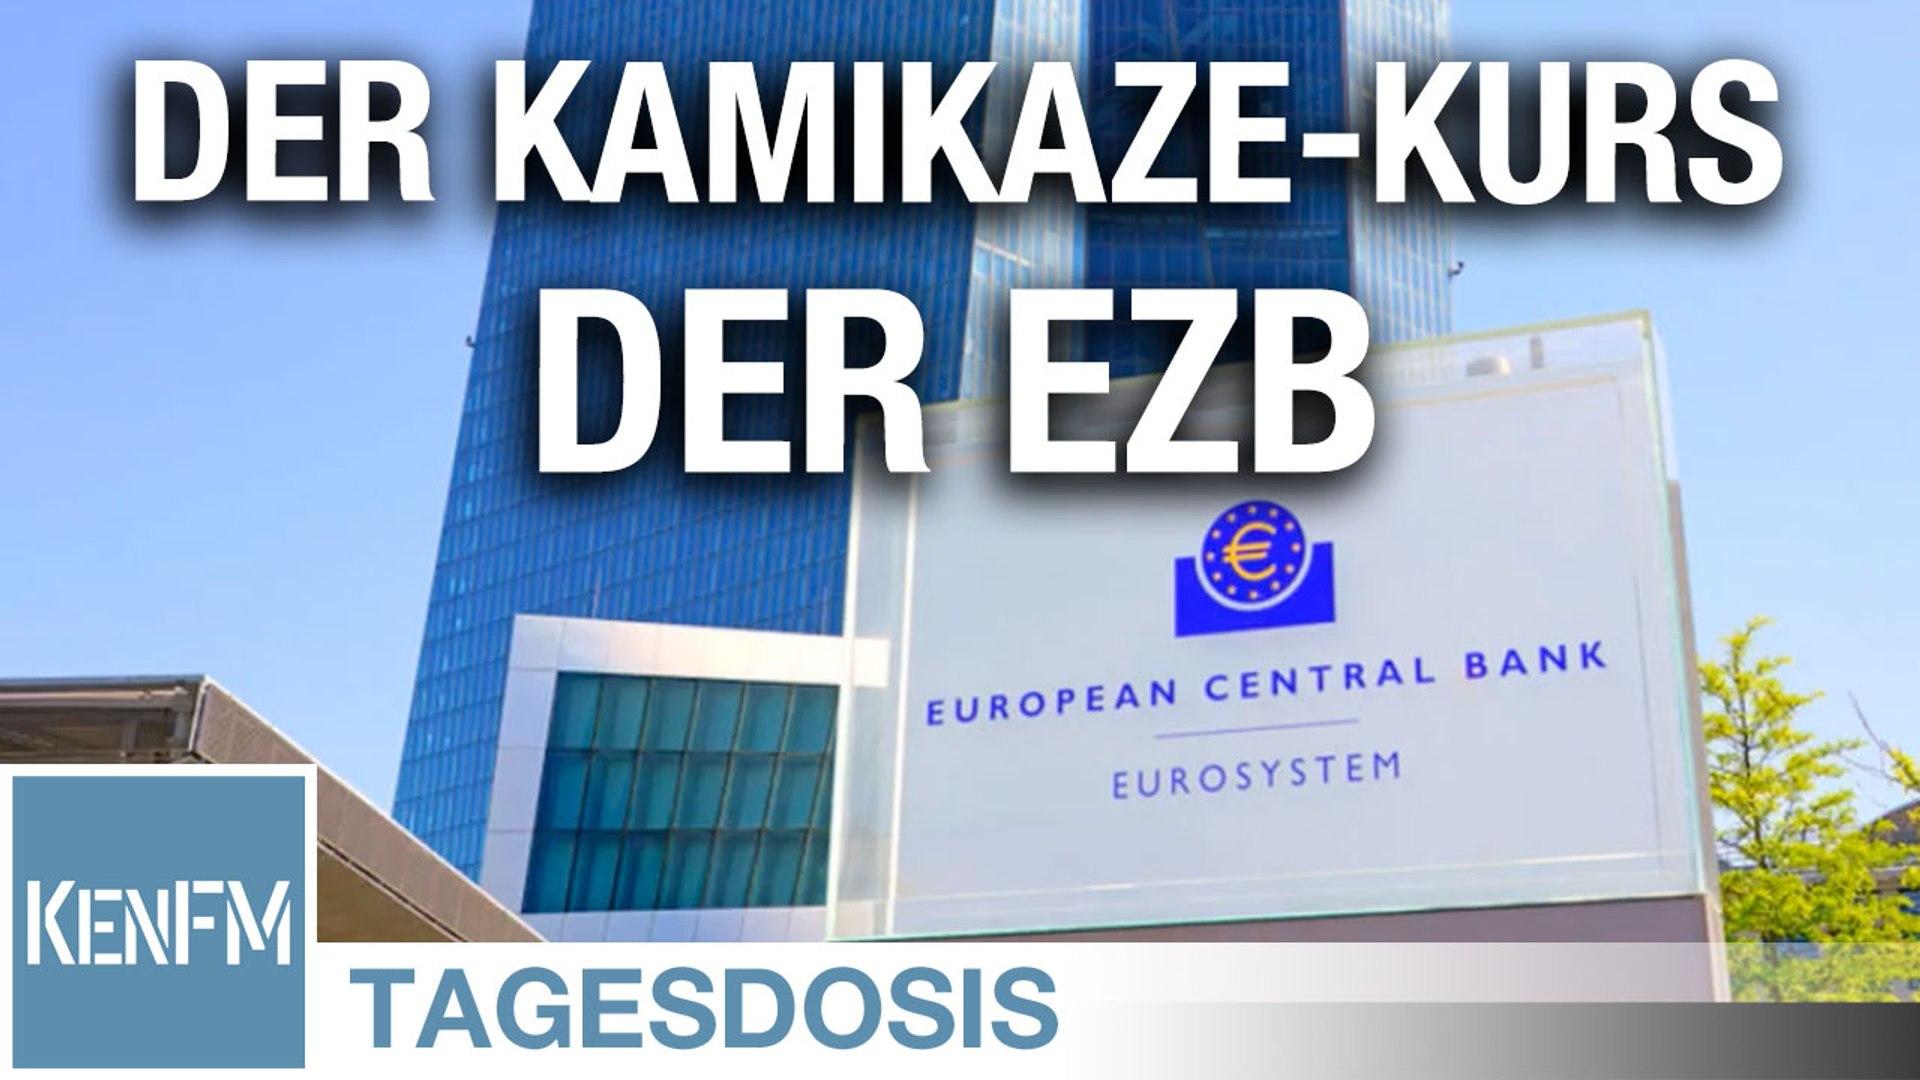 Augen zu und mitten rein! Der Kamikaze-Kurs der EZB – Tagesdosis 25.6.2020